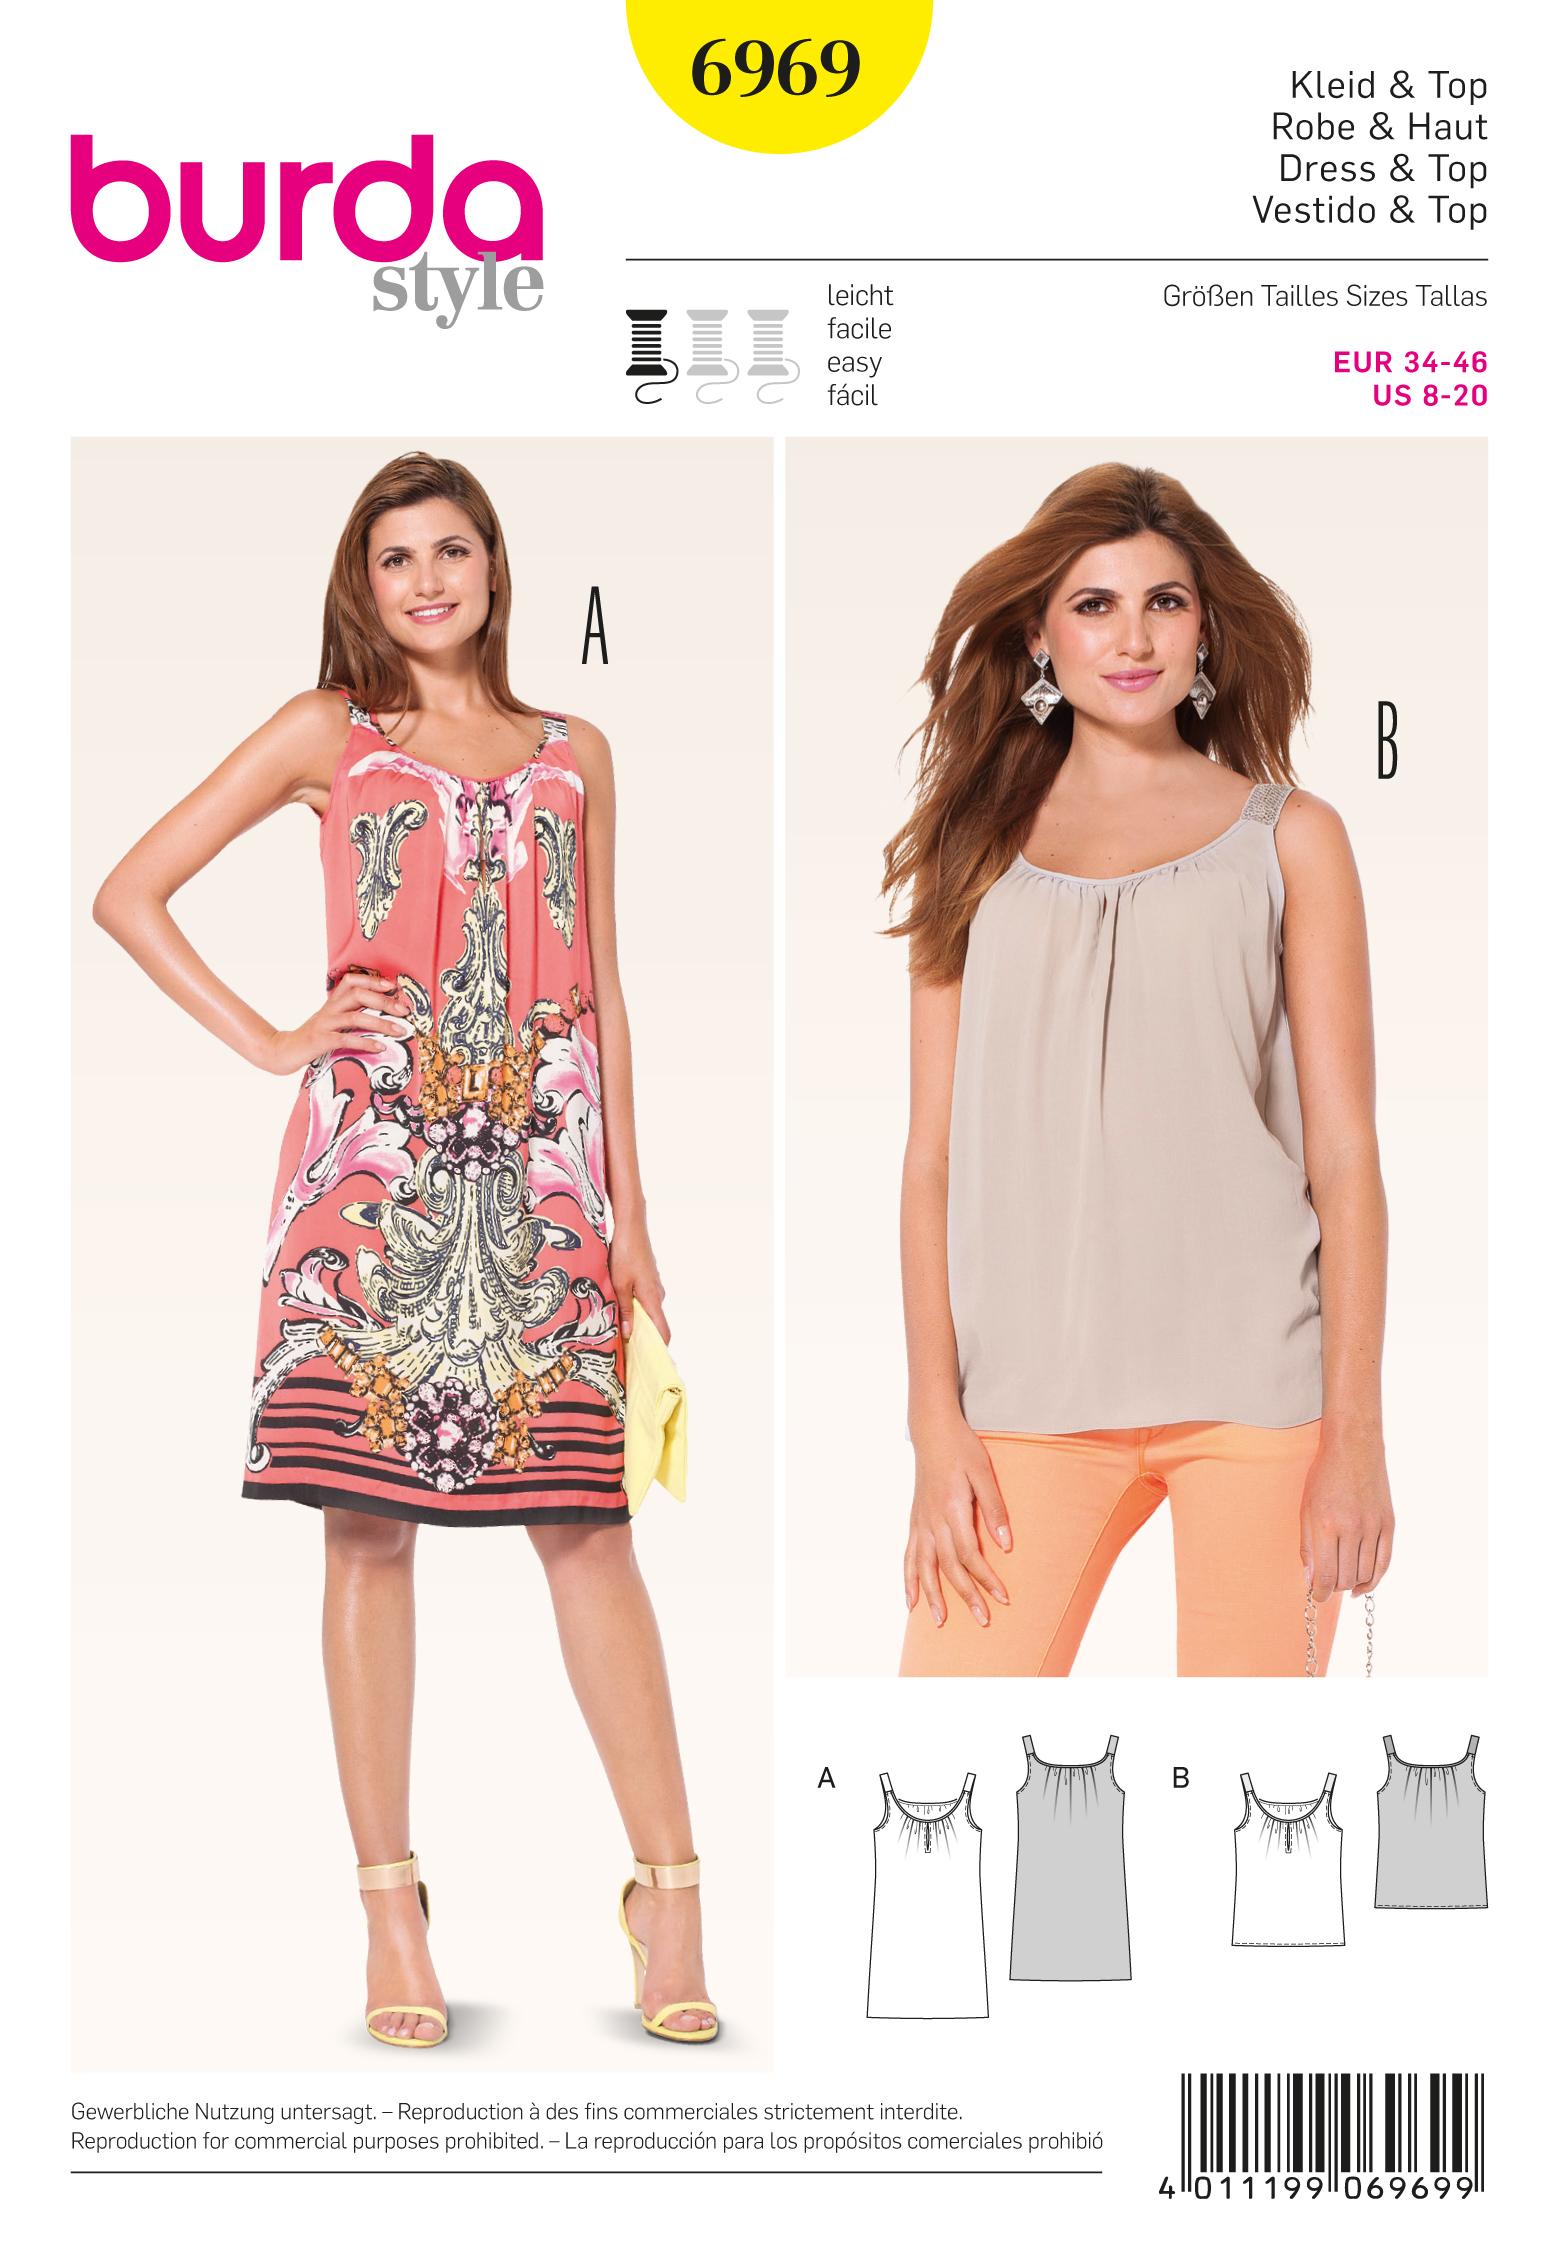 Burda Tops, Shirts, Blouses 6969